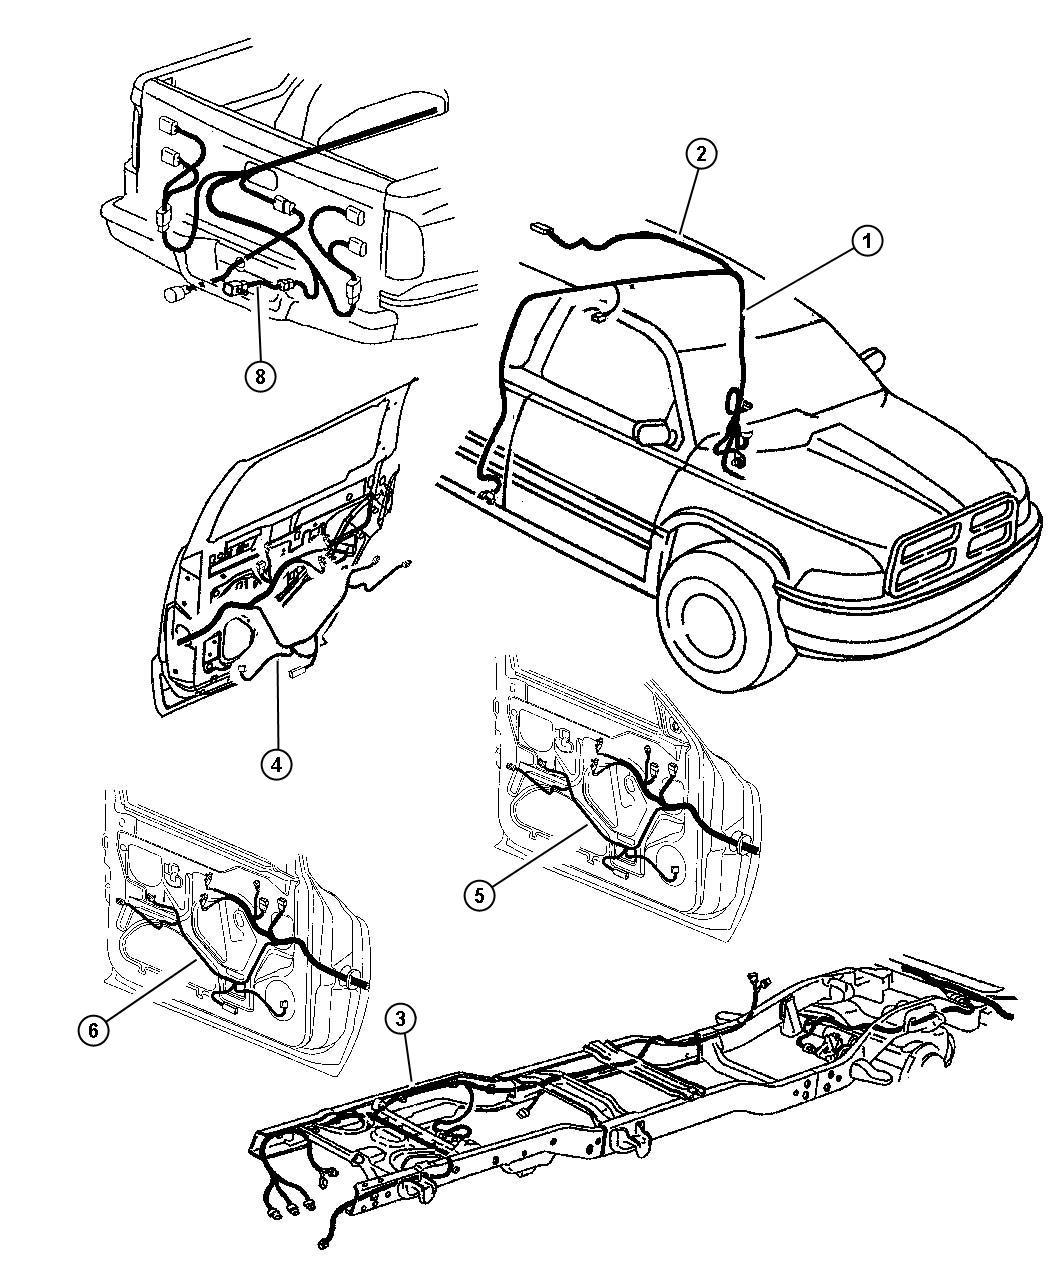 56020190 - Dodge Wiring. Mirror jumper | Dodge Parts ...